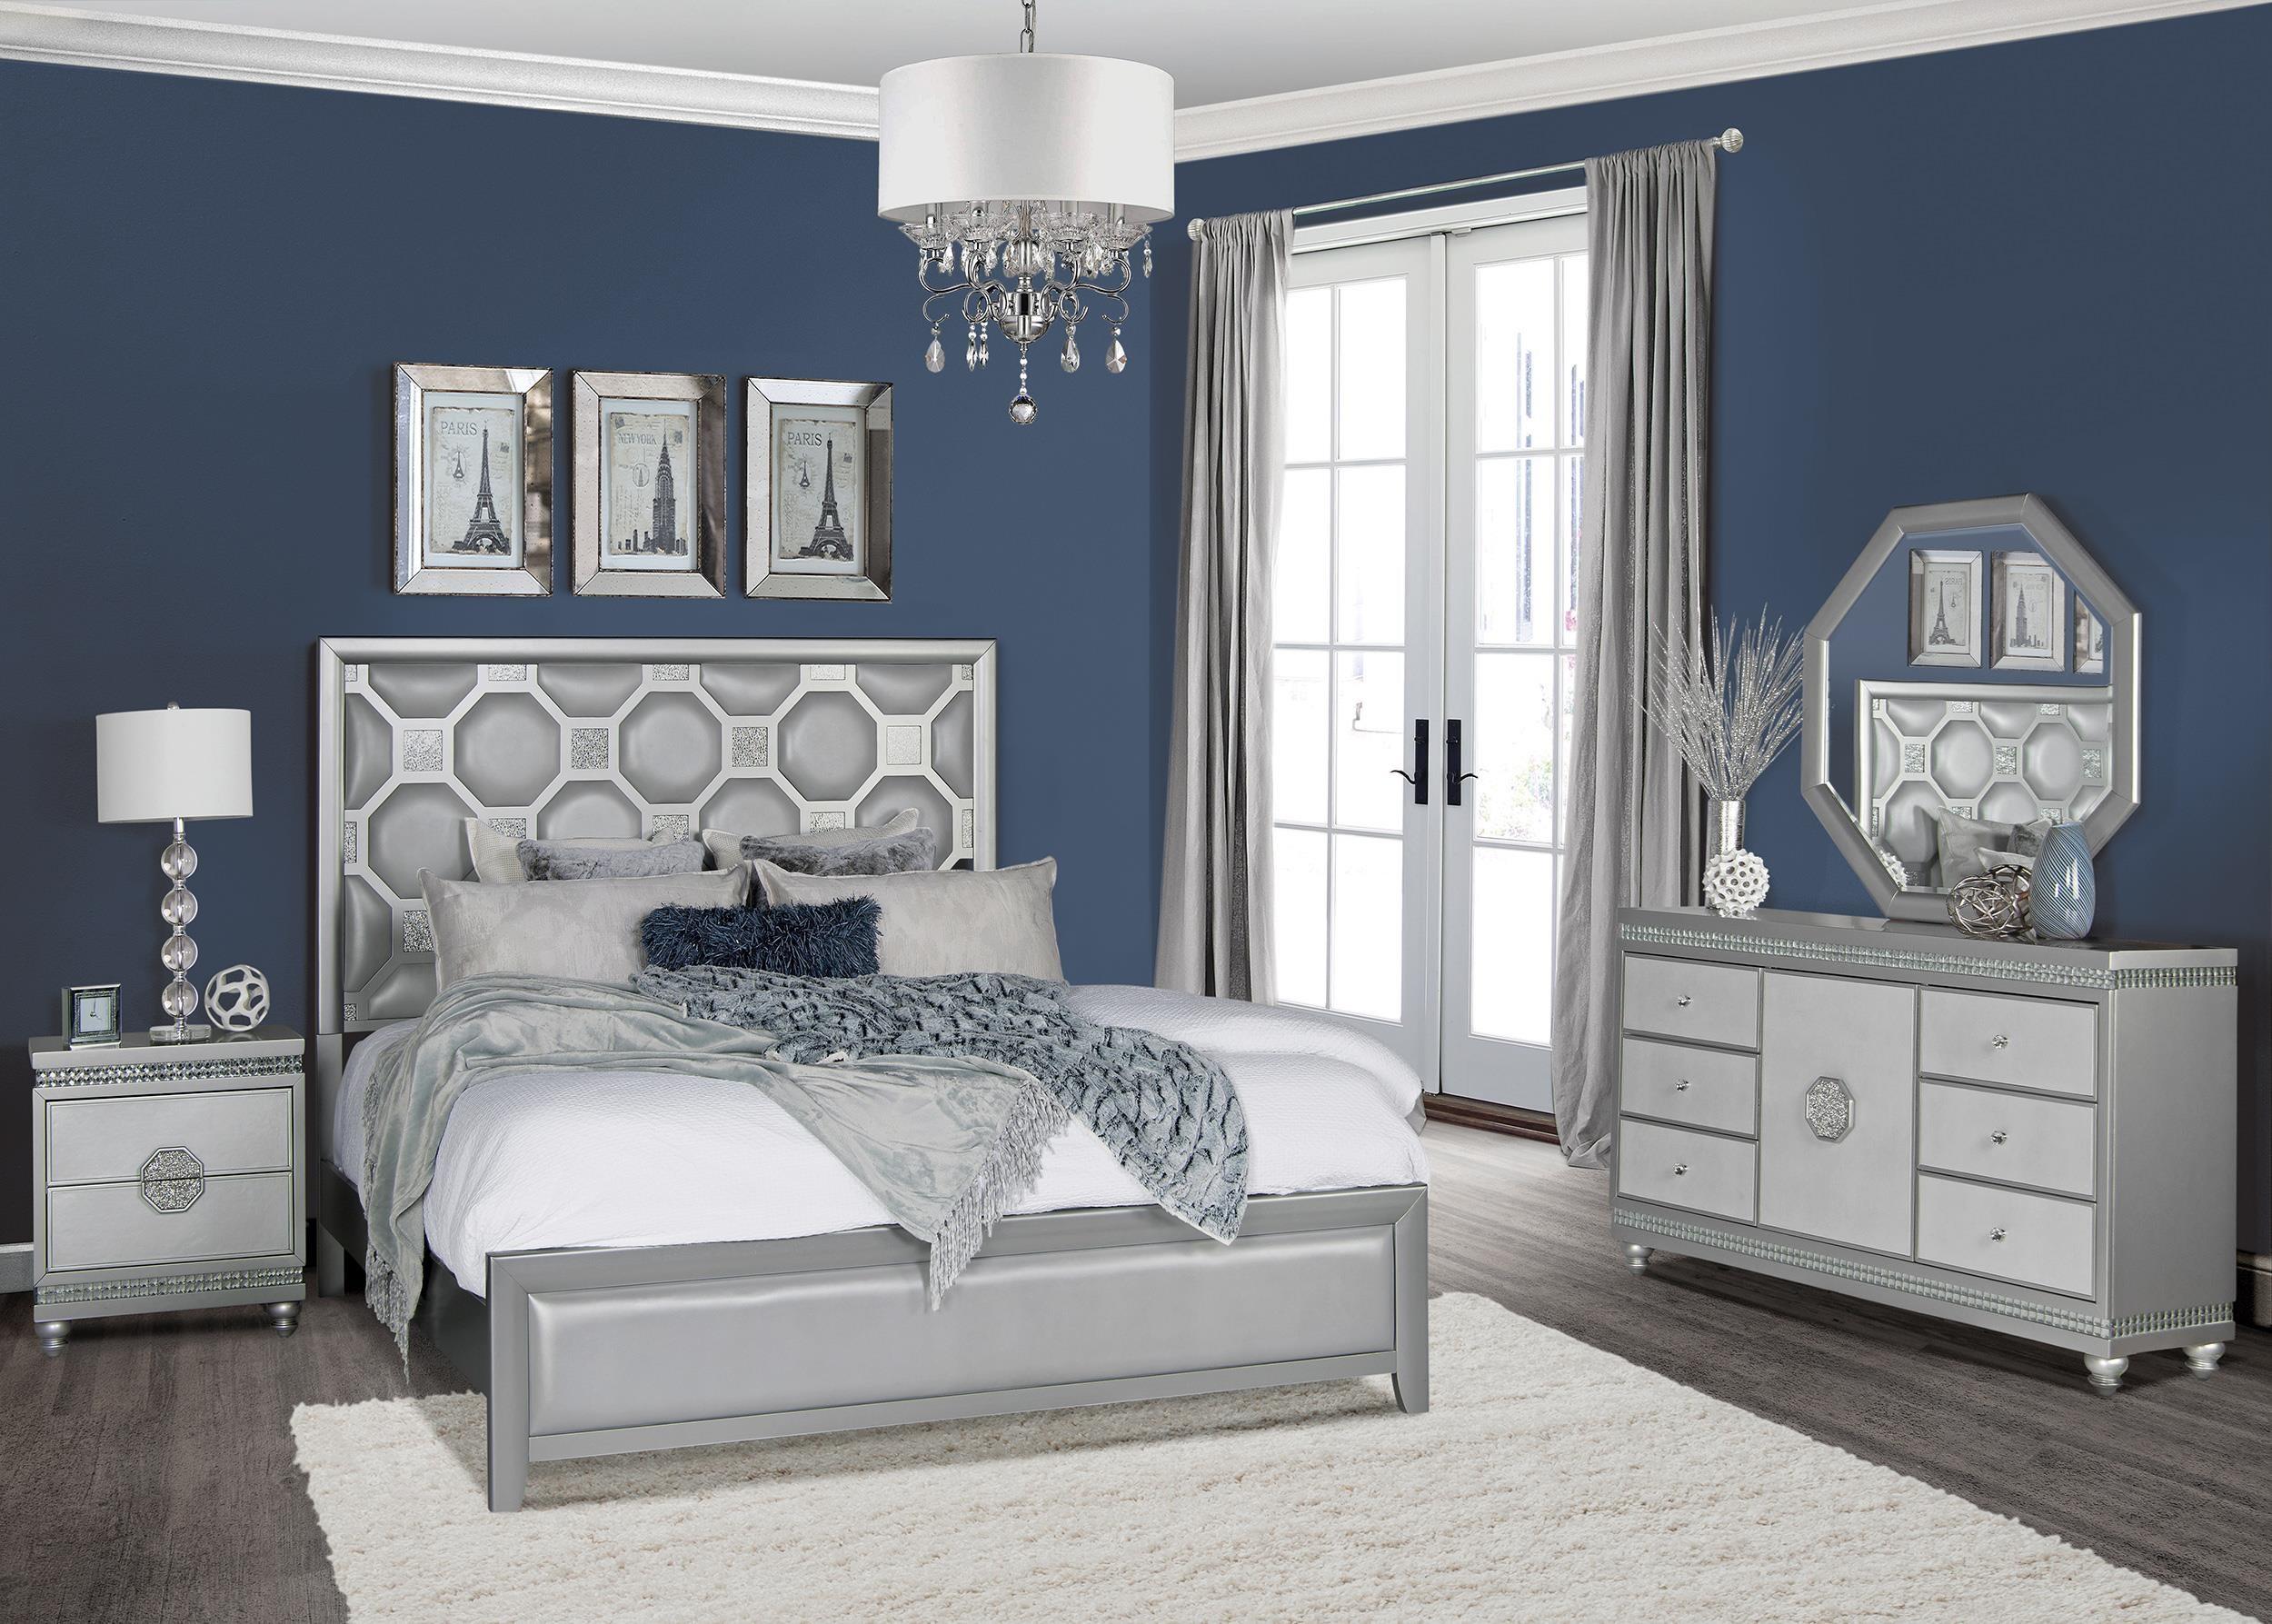 Jennar 4PC Queen Bedroom Set at Rotmans